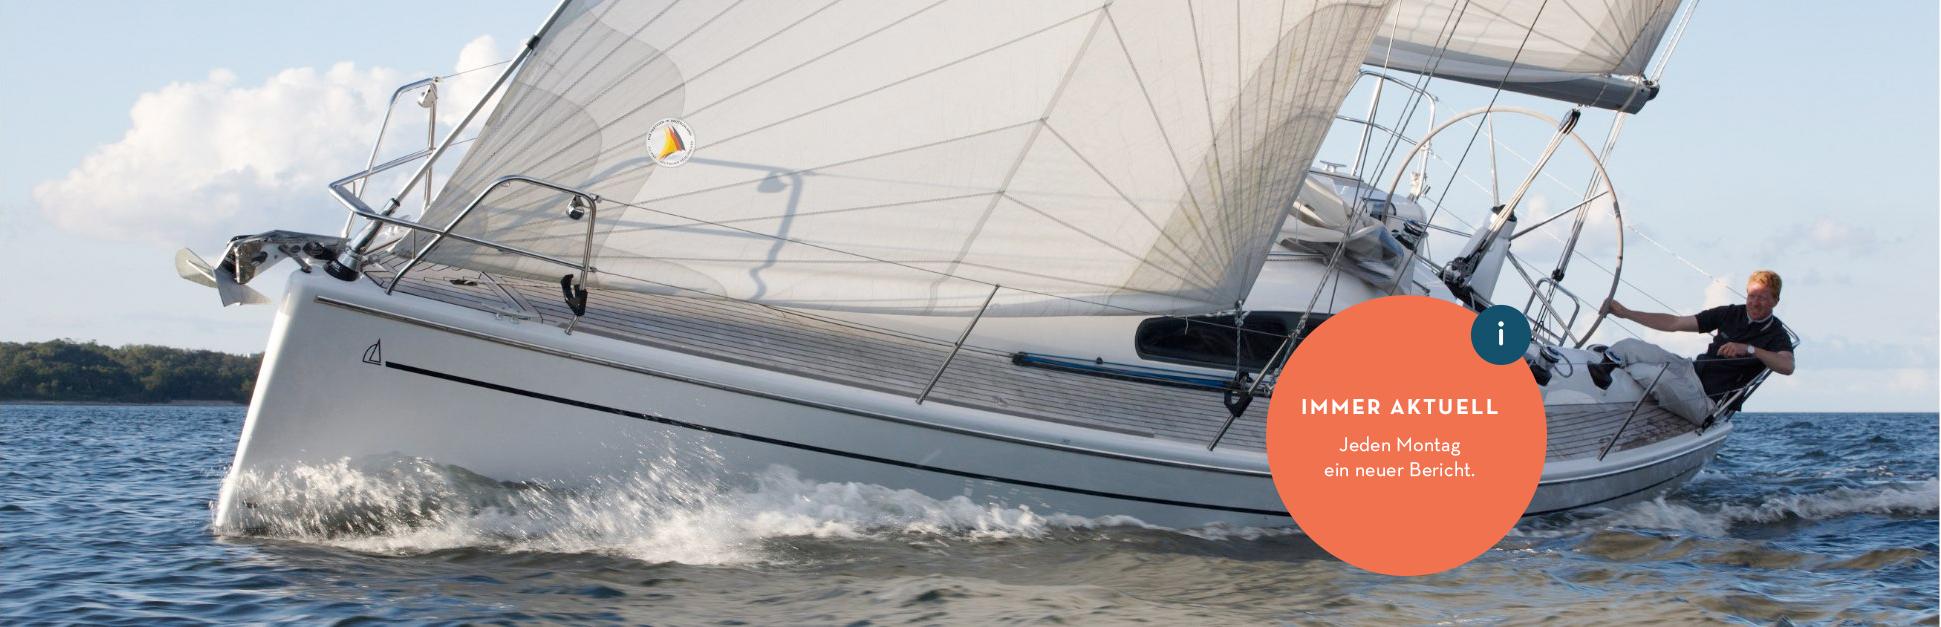 Allianz Deutscher Segelmacher Headerbild